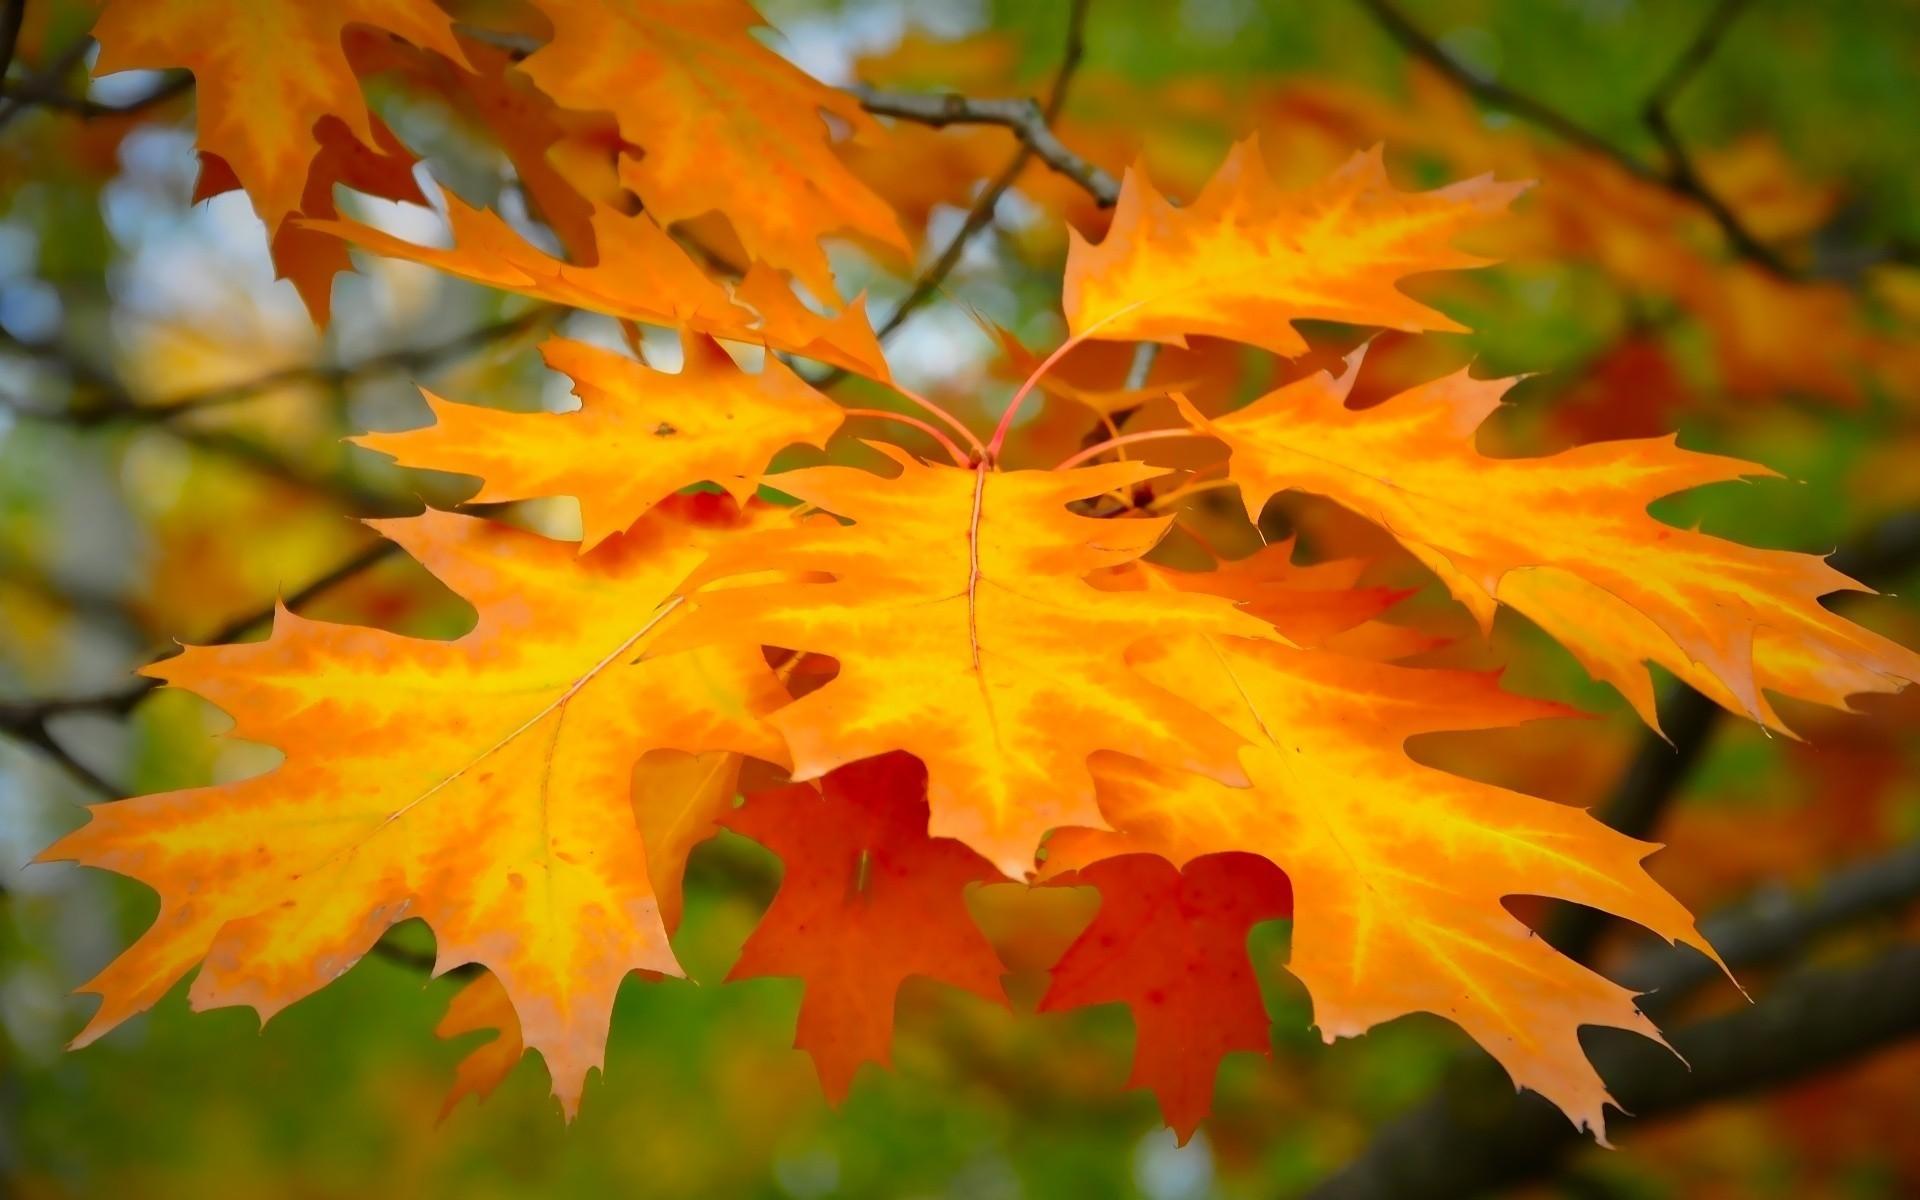 برگ های پاییزی درختان افرا